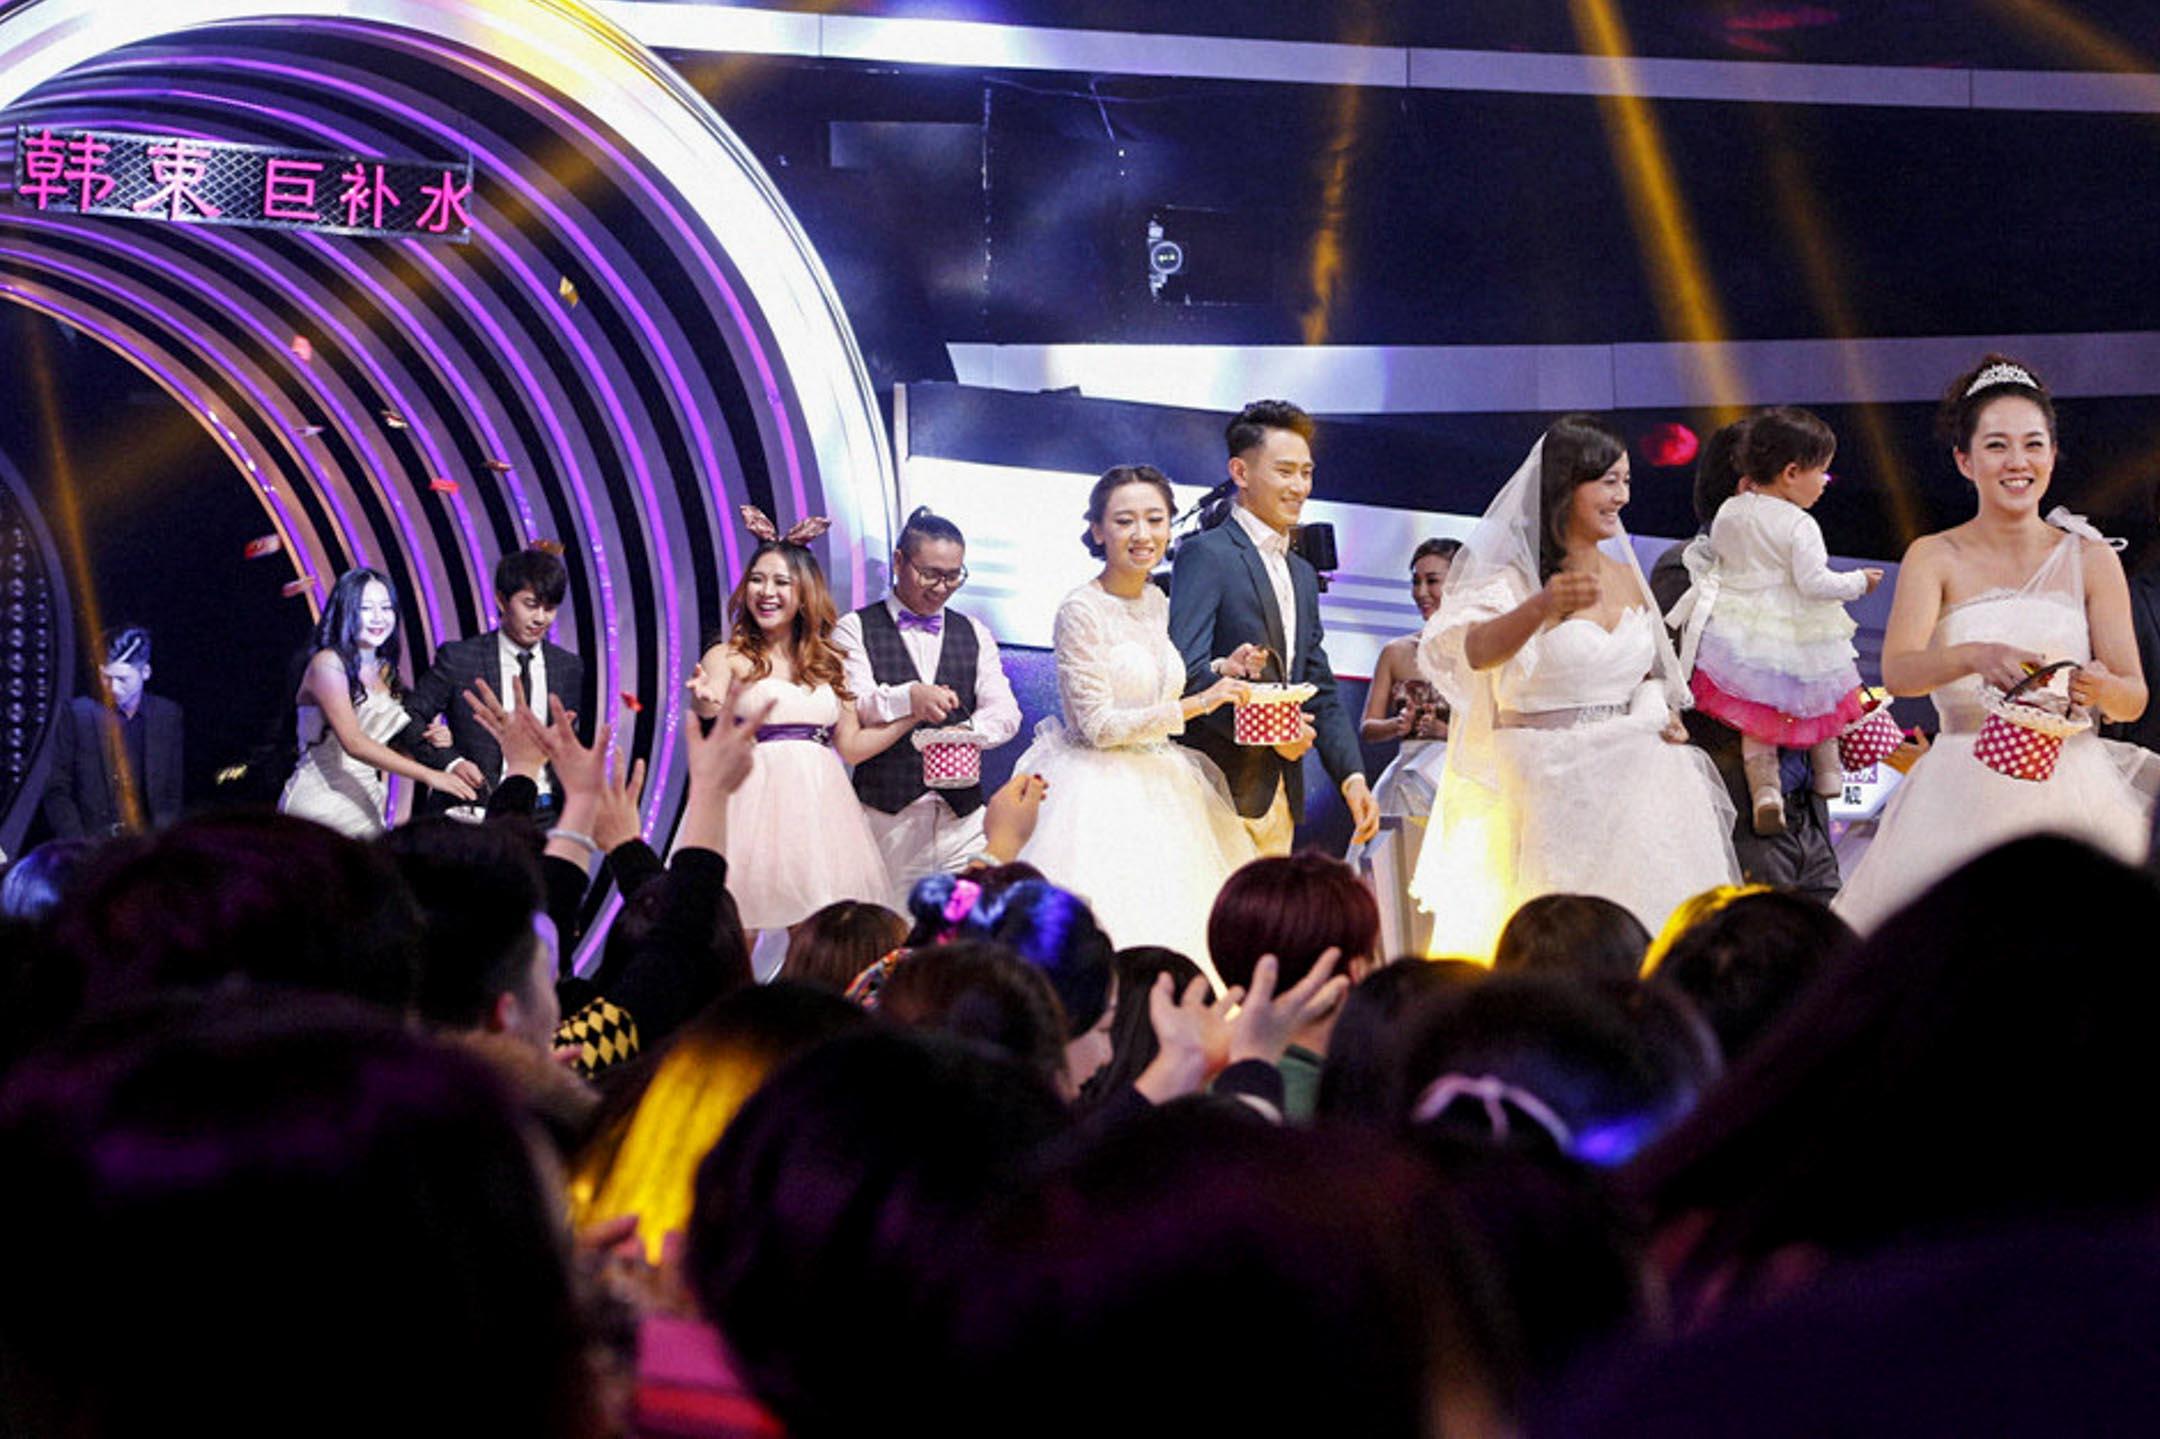 江蘇衞視的《非誠勿擾》於2010年首播,曾包攬多次全國衞視周收視率總冠軍。